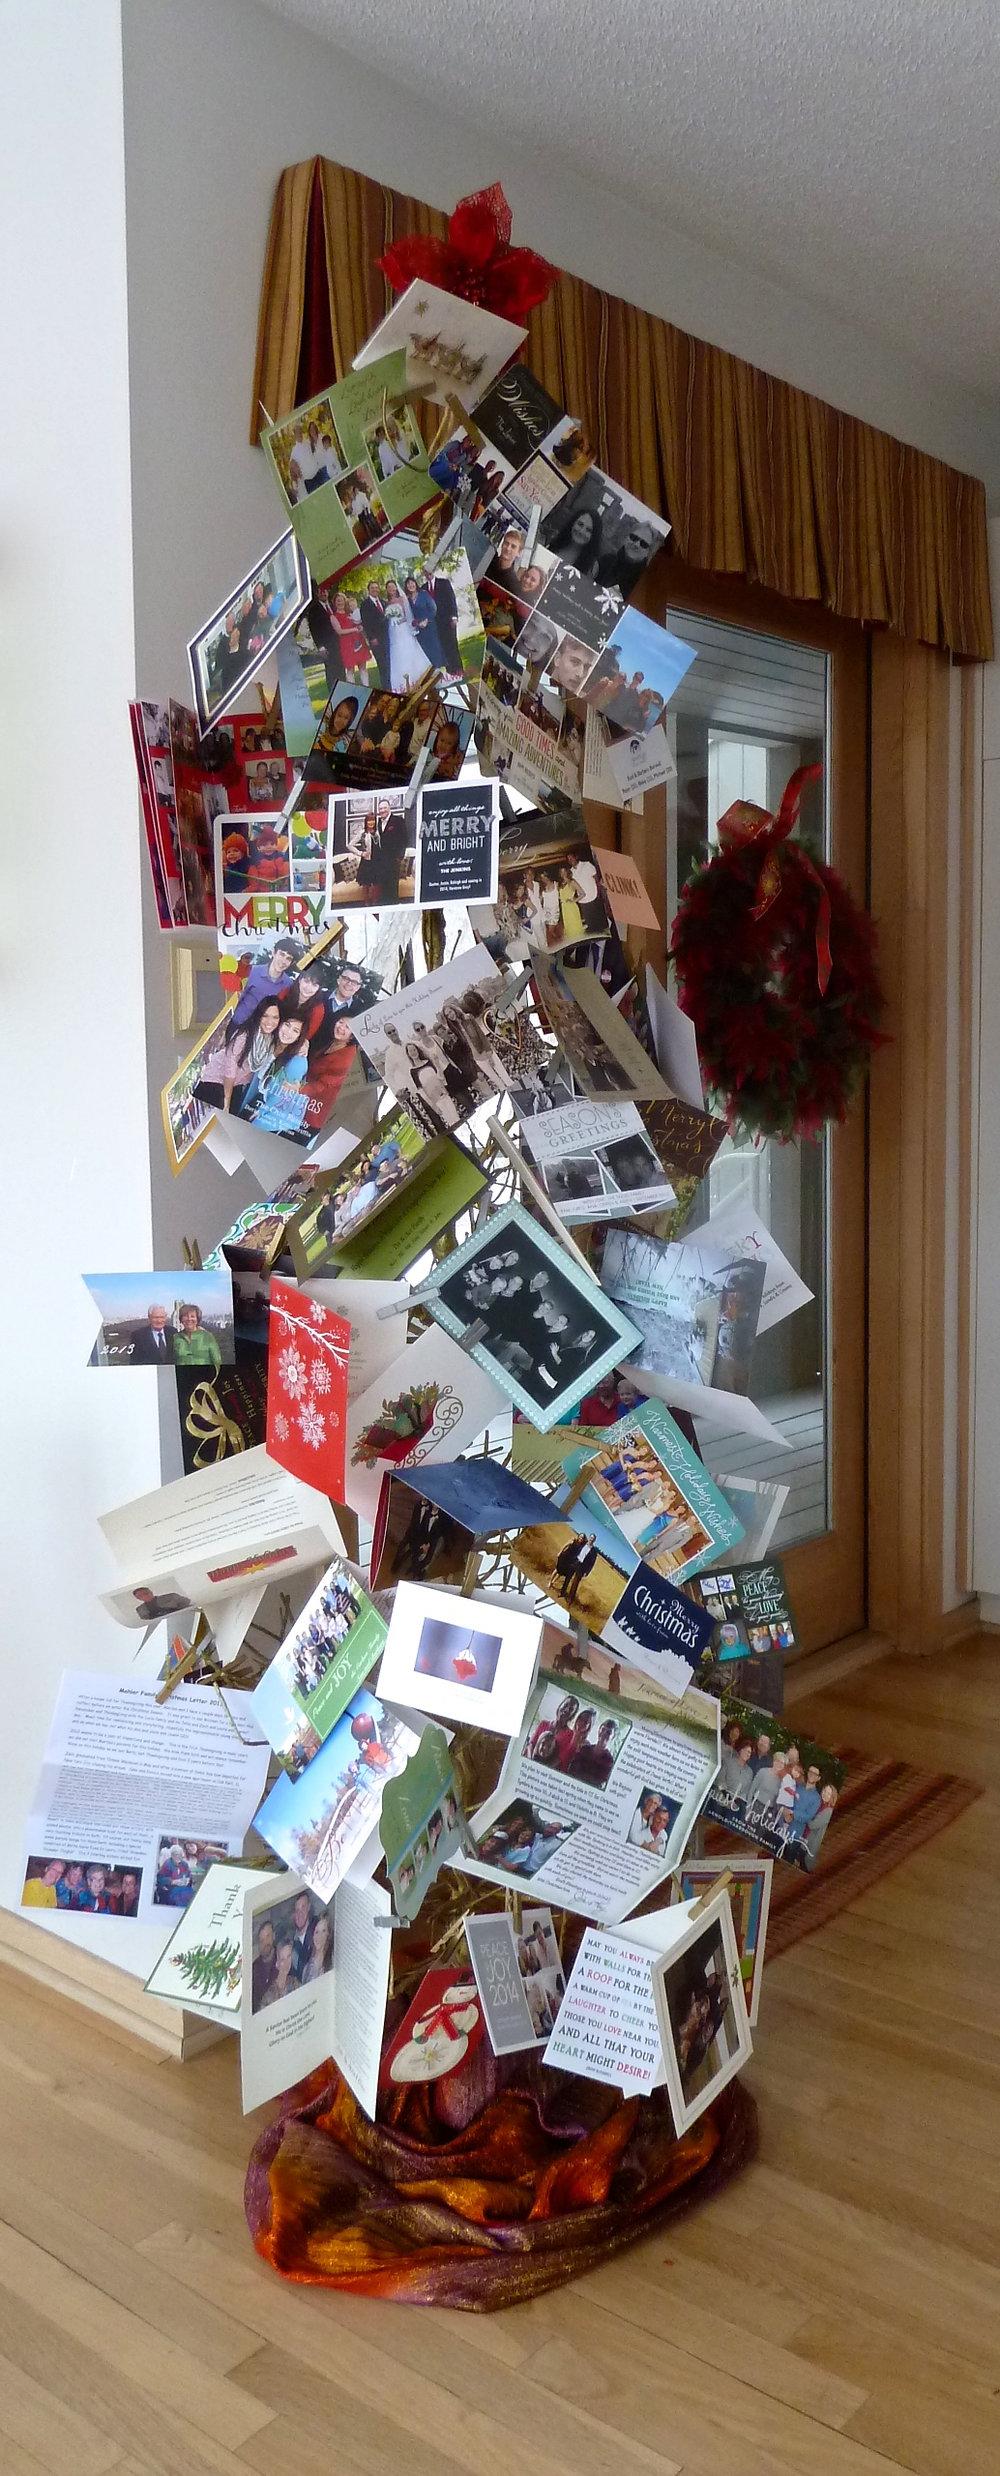 cindi_christmas_cardtree_spiritedtable_photo1.jpg